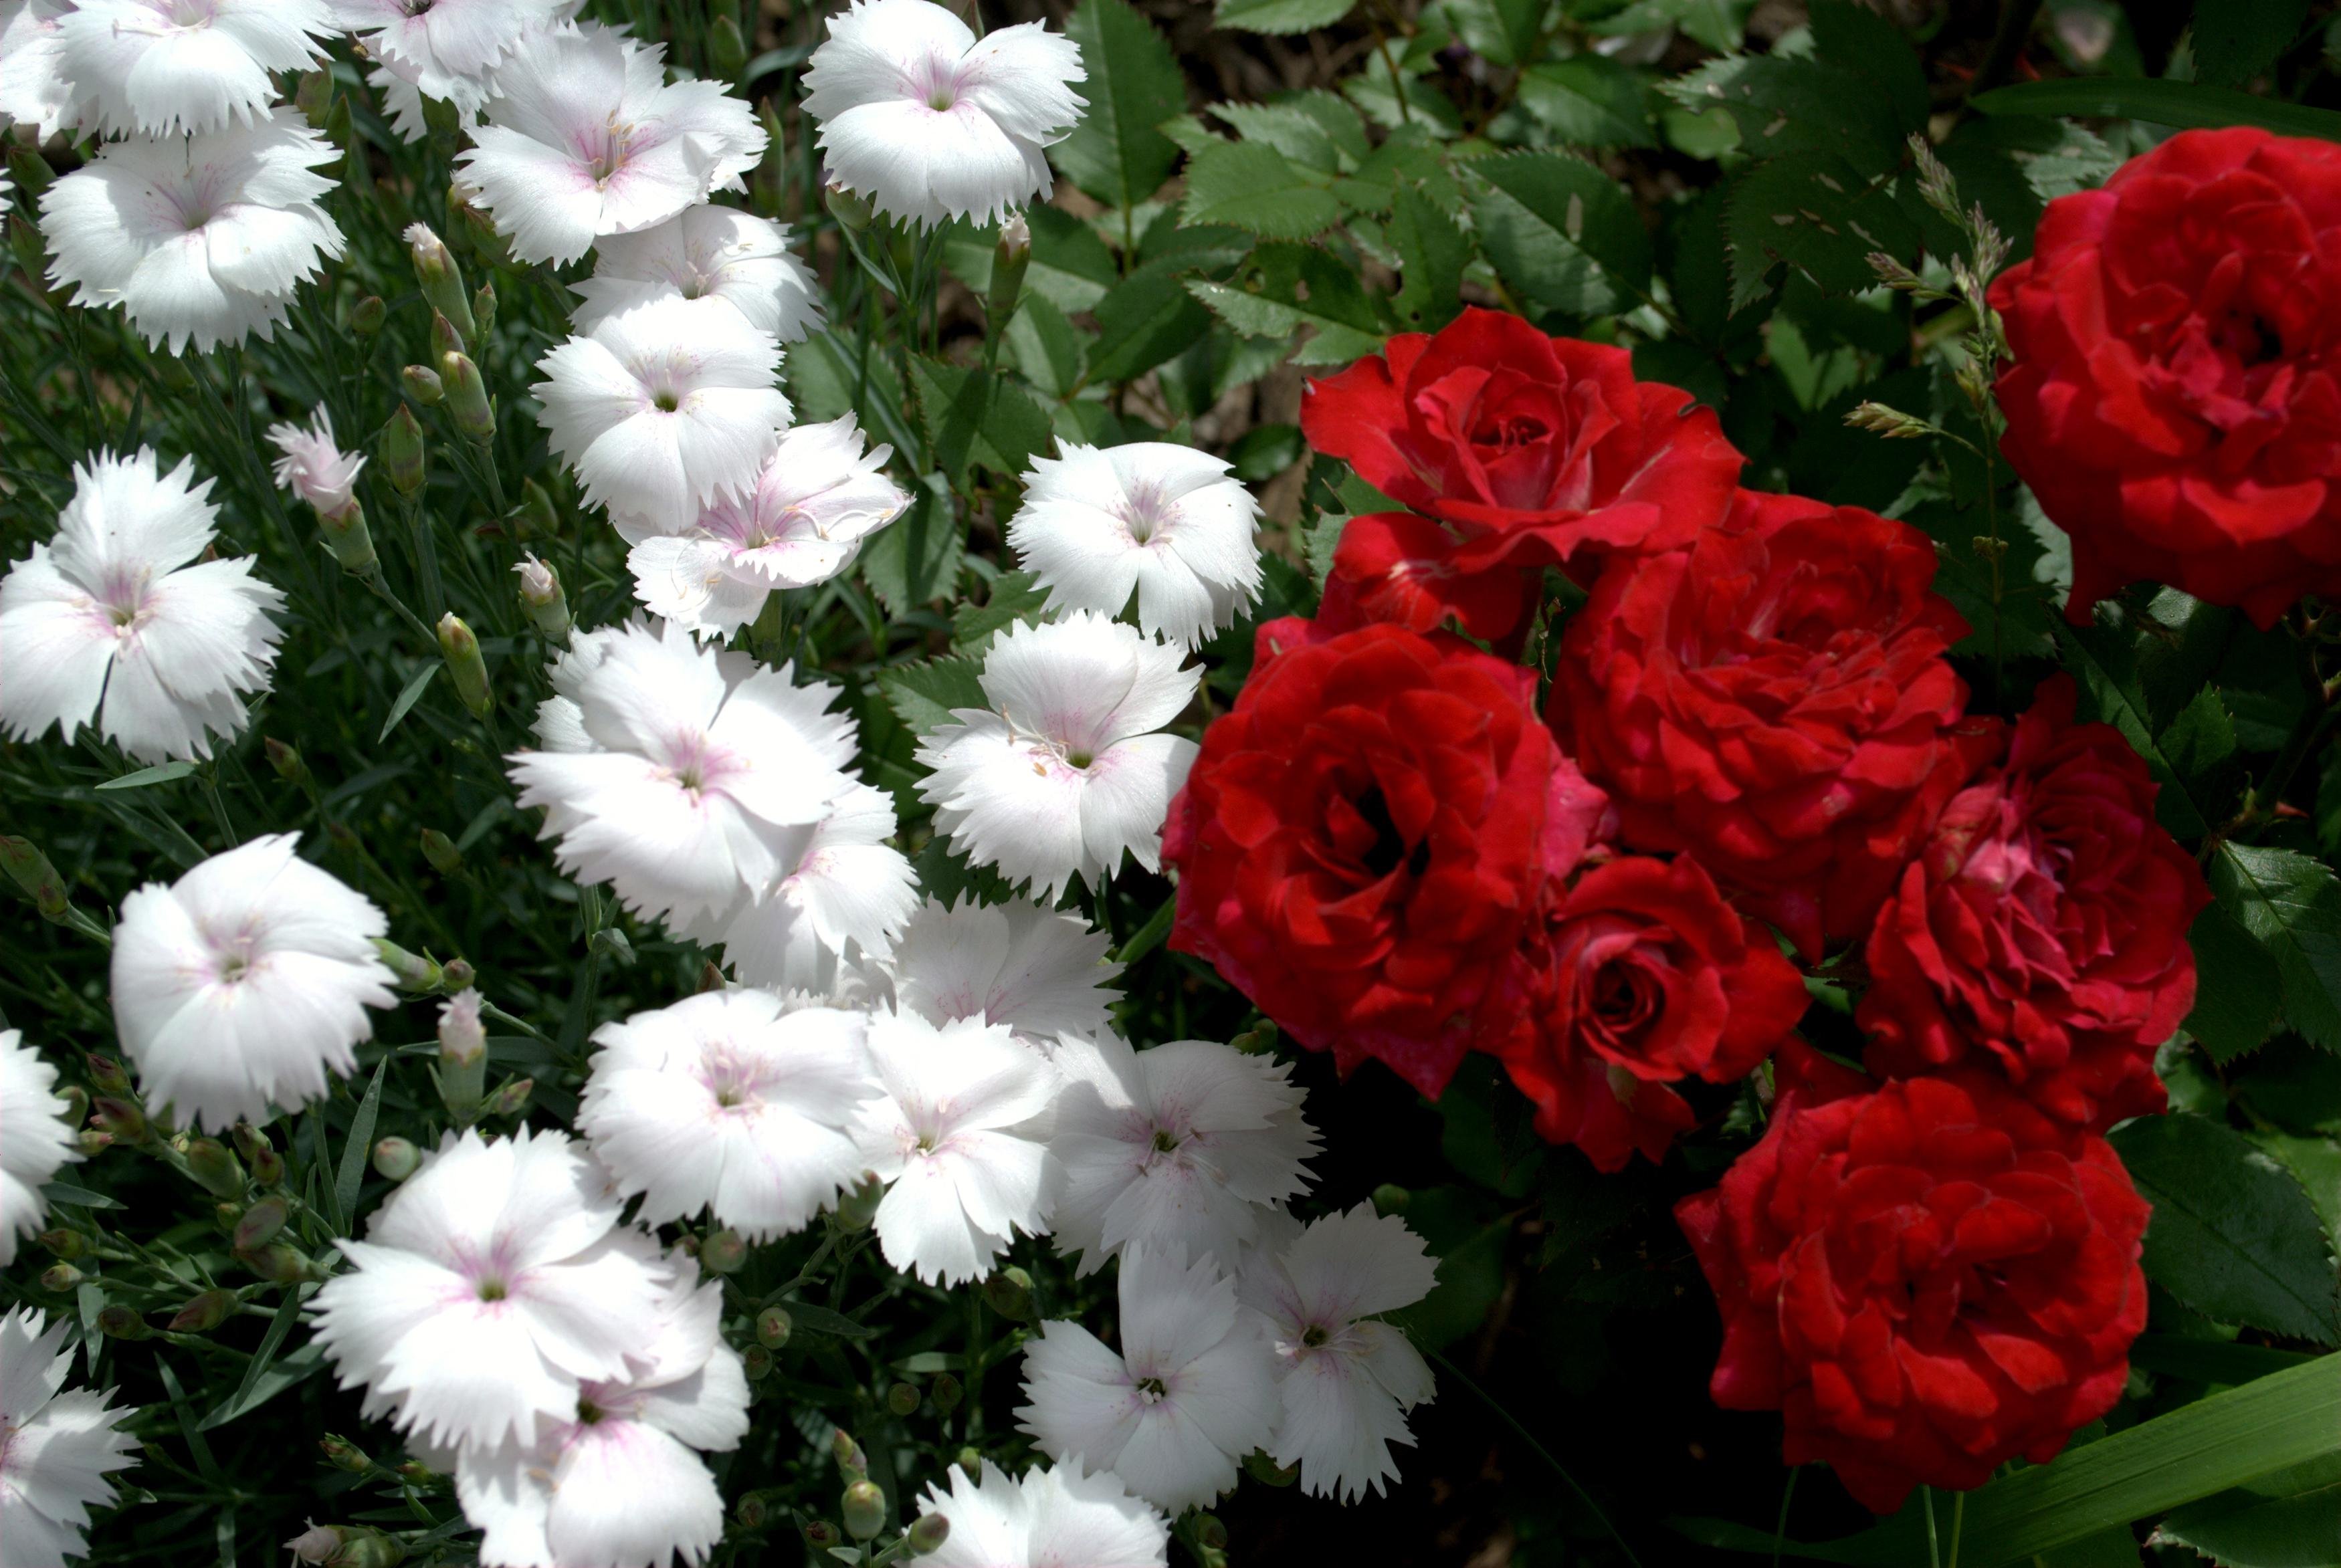 Roses_Carnations_Closeup_485193.jpg